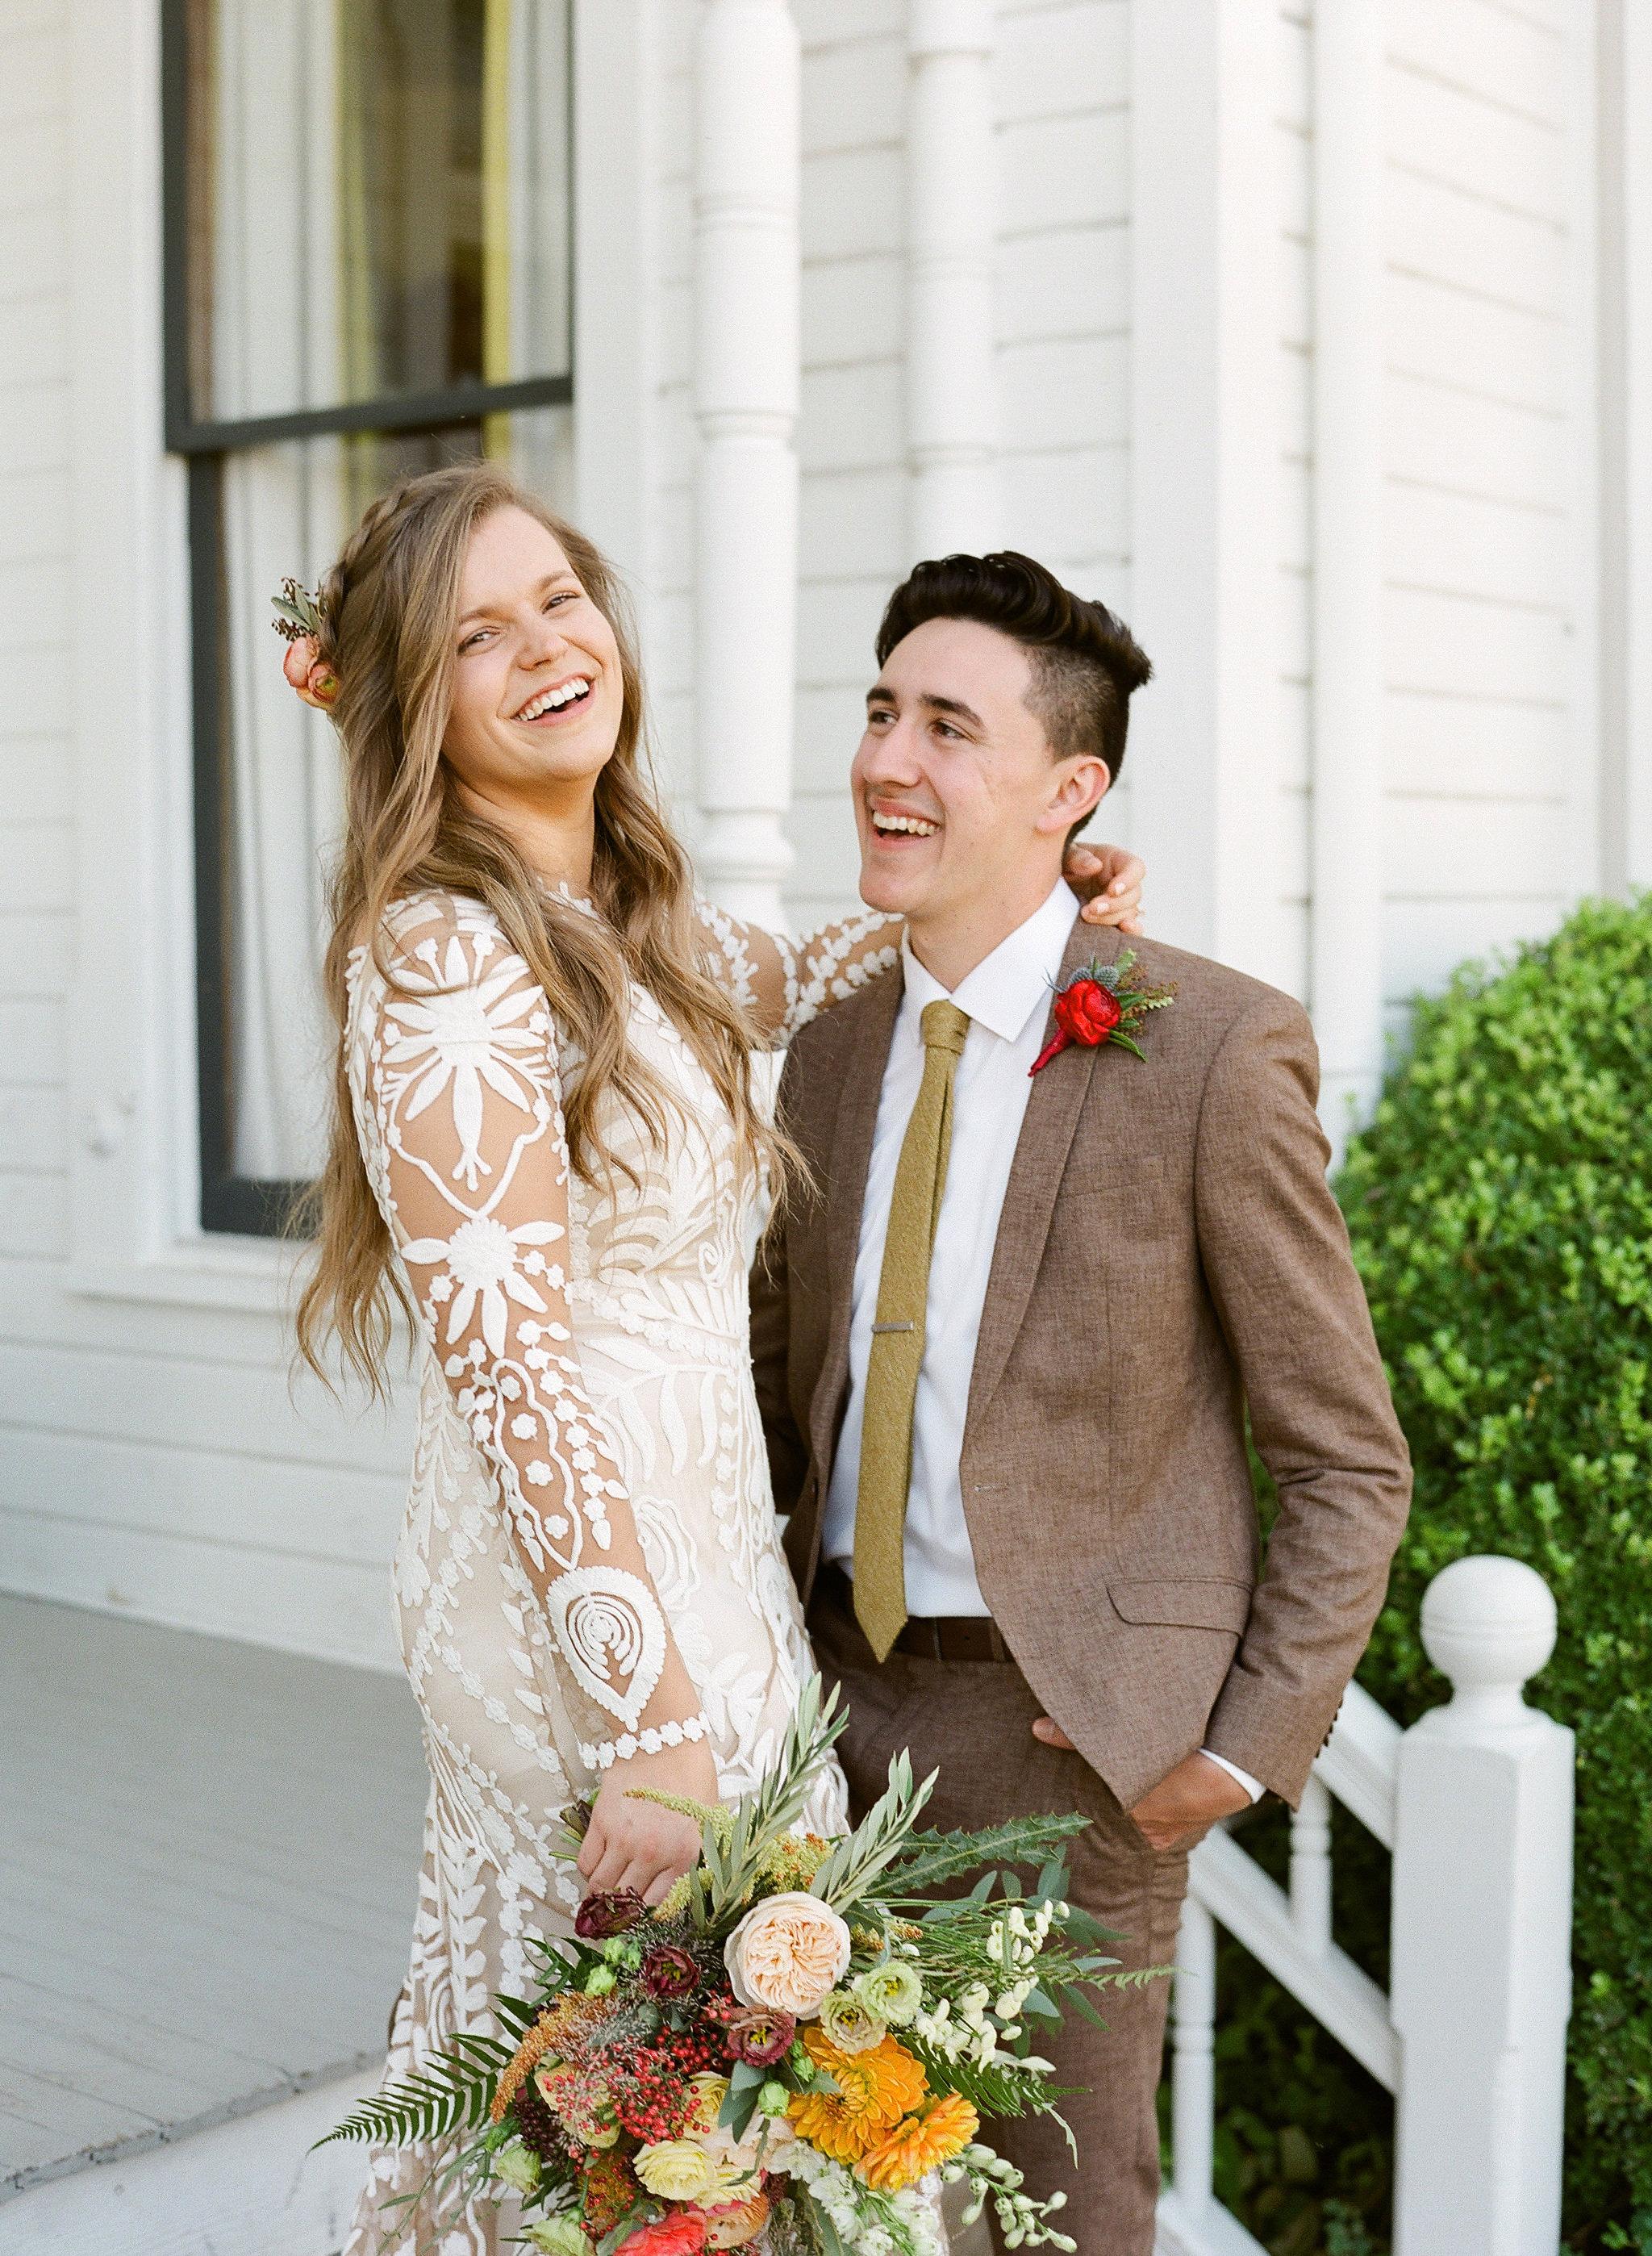 hayleigh corey wedding couple bride and groom